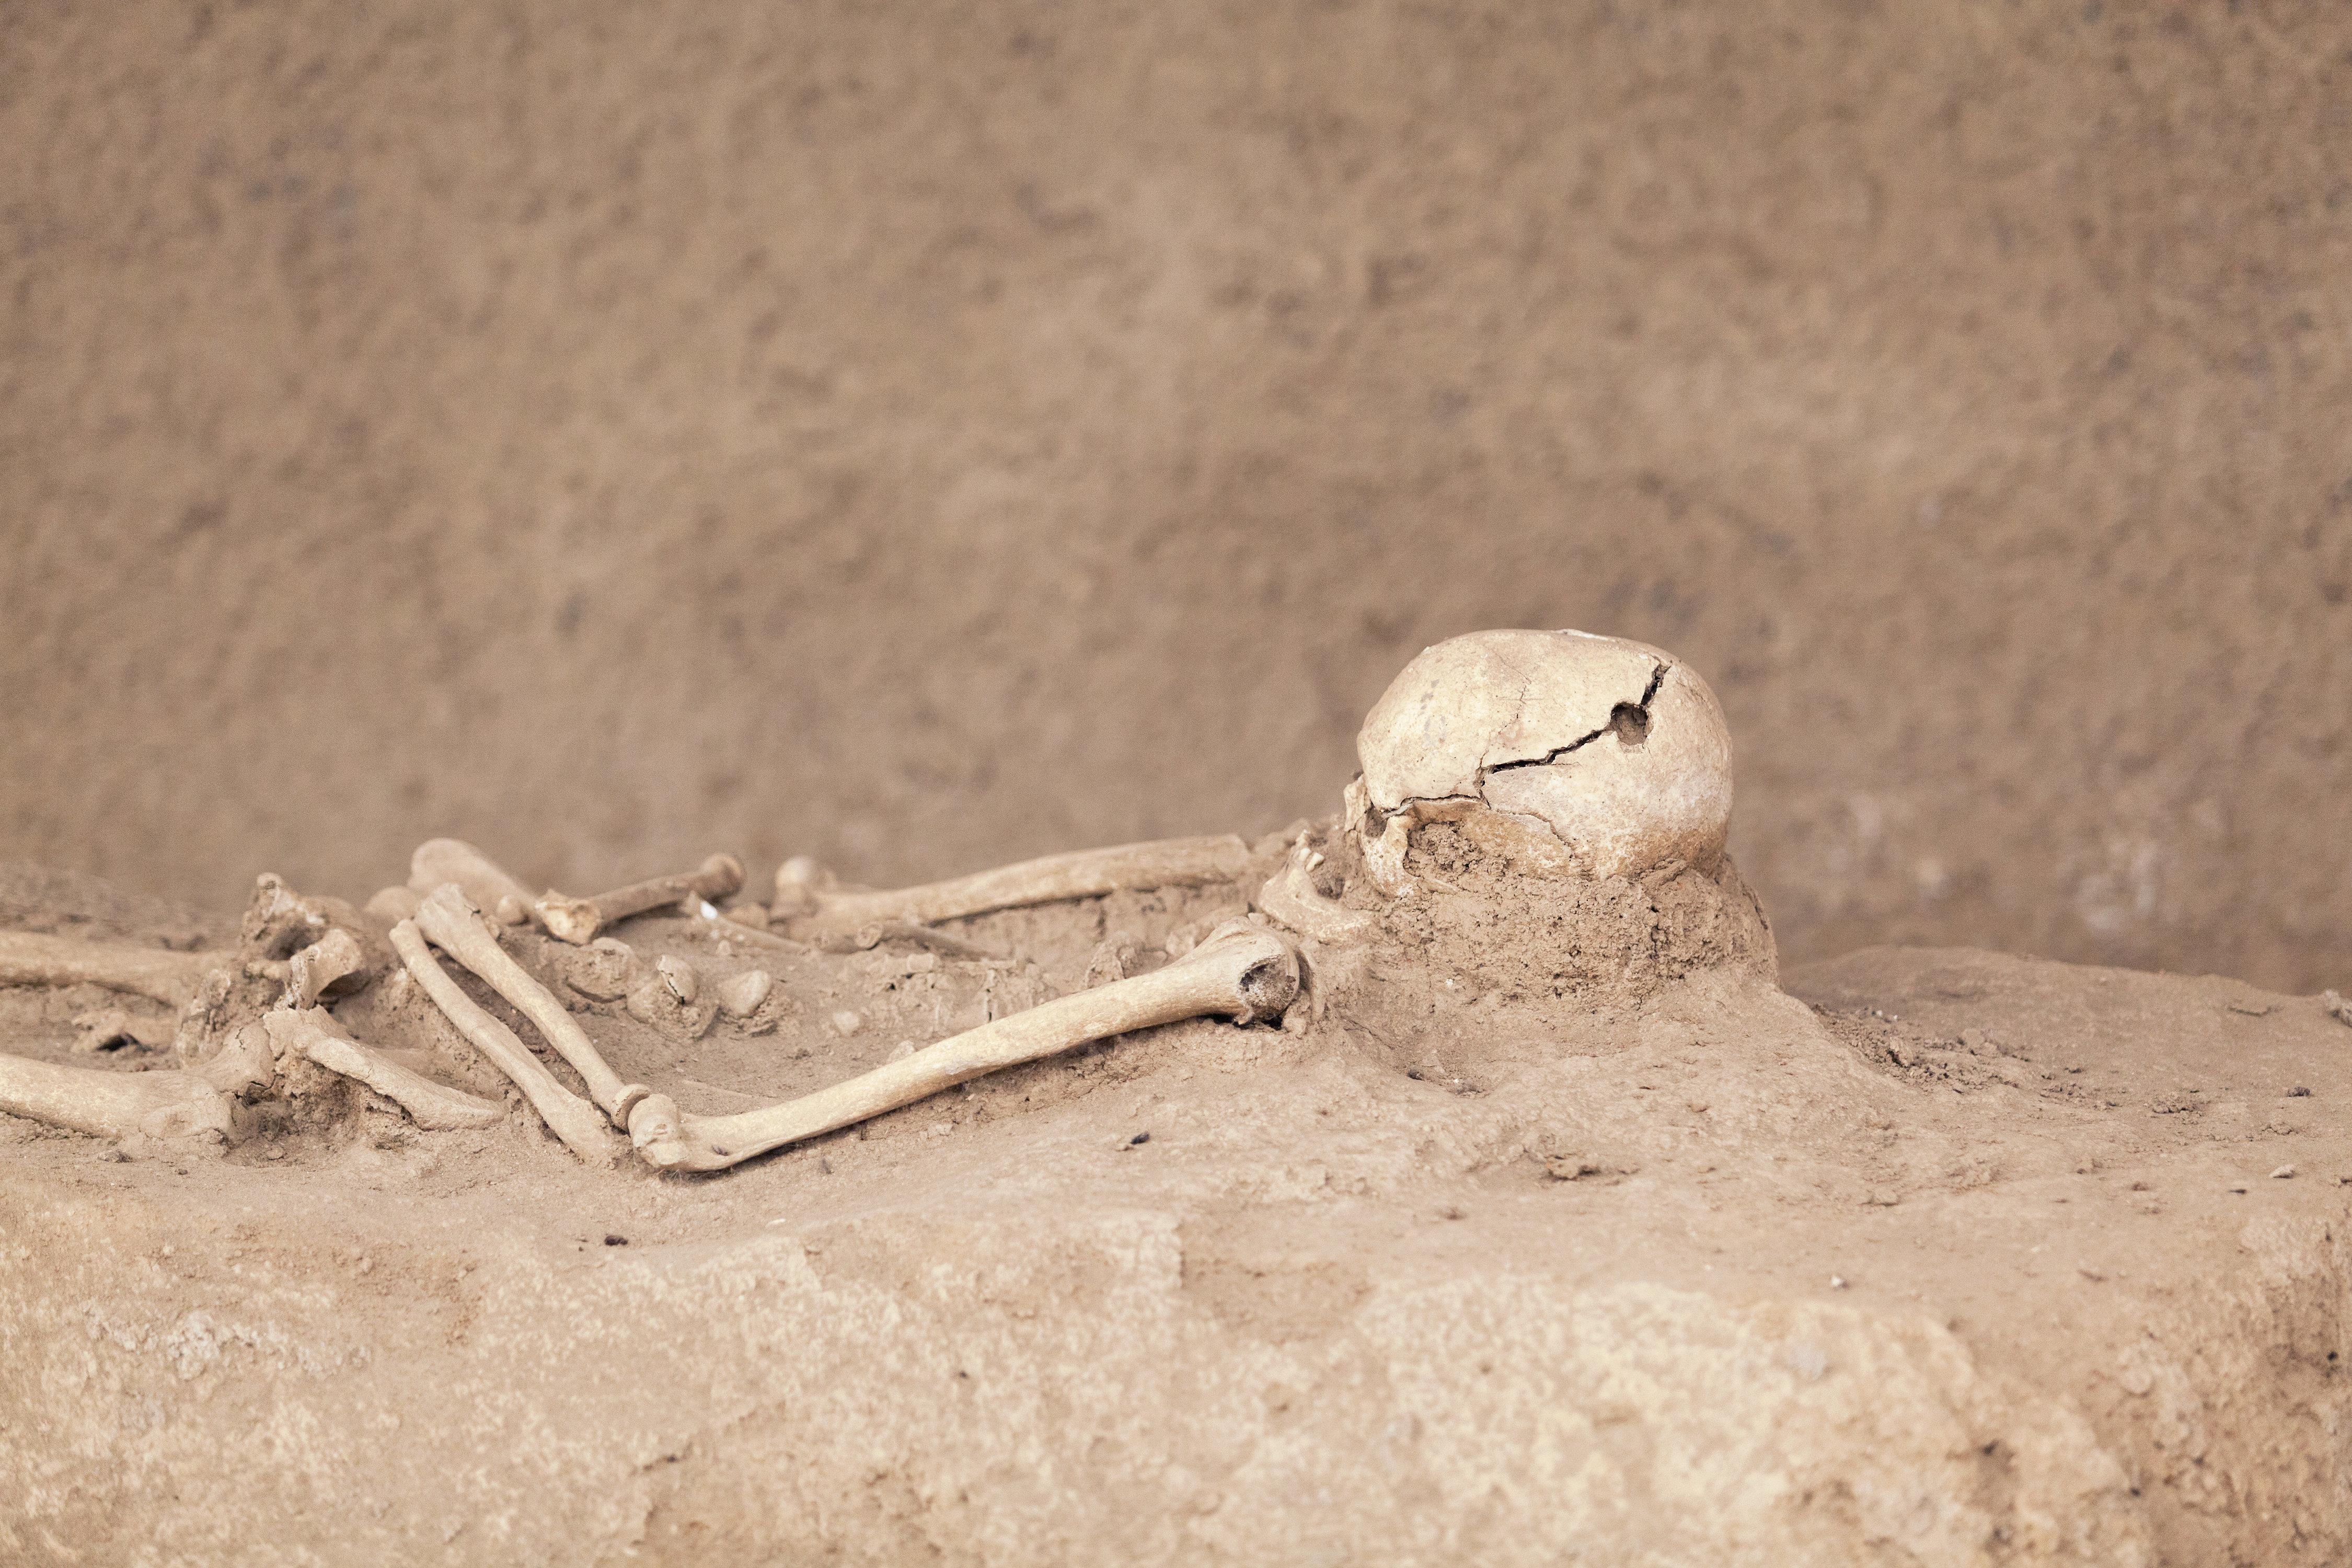 Προϊστορικές επεμβάσεις: Χιλιάδες χρόνια πριν, οι πρόγονοί μας άνοιγαν τρύπες στο κρανίο.